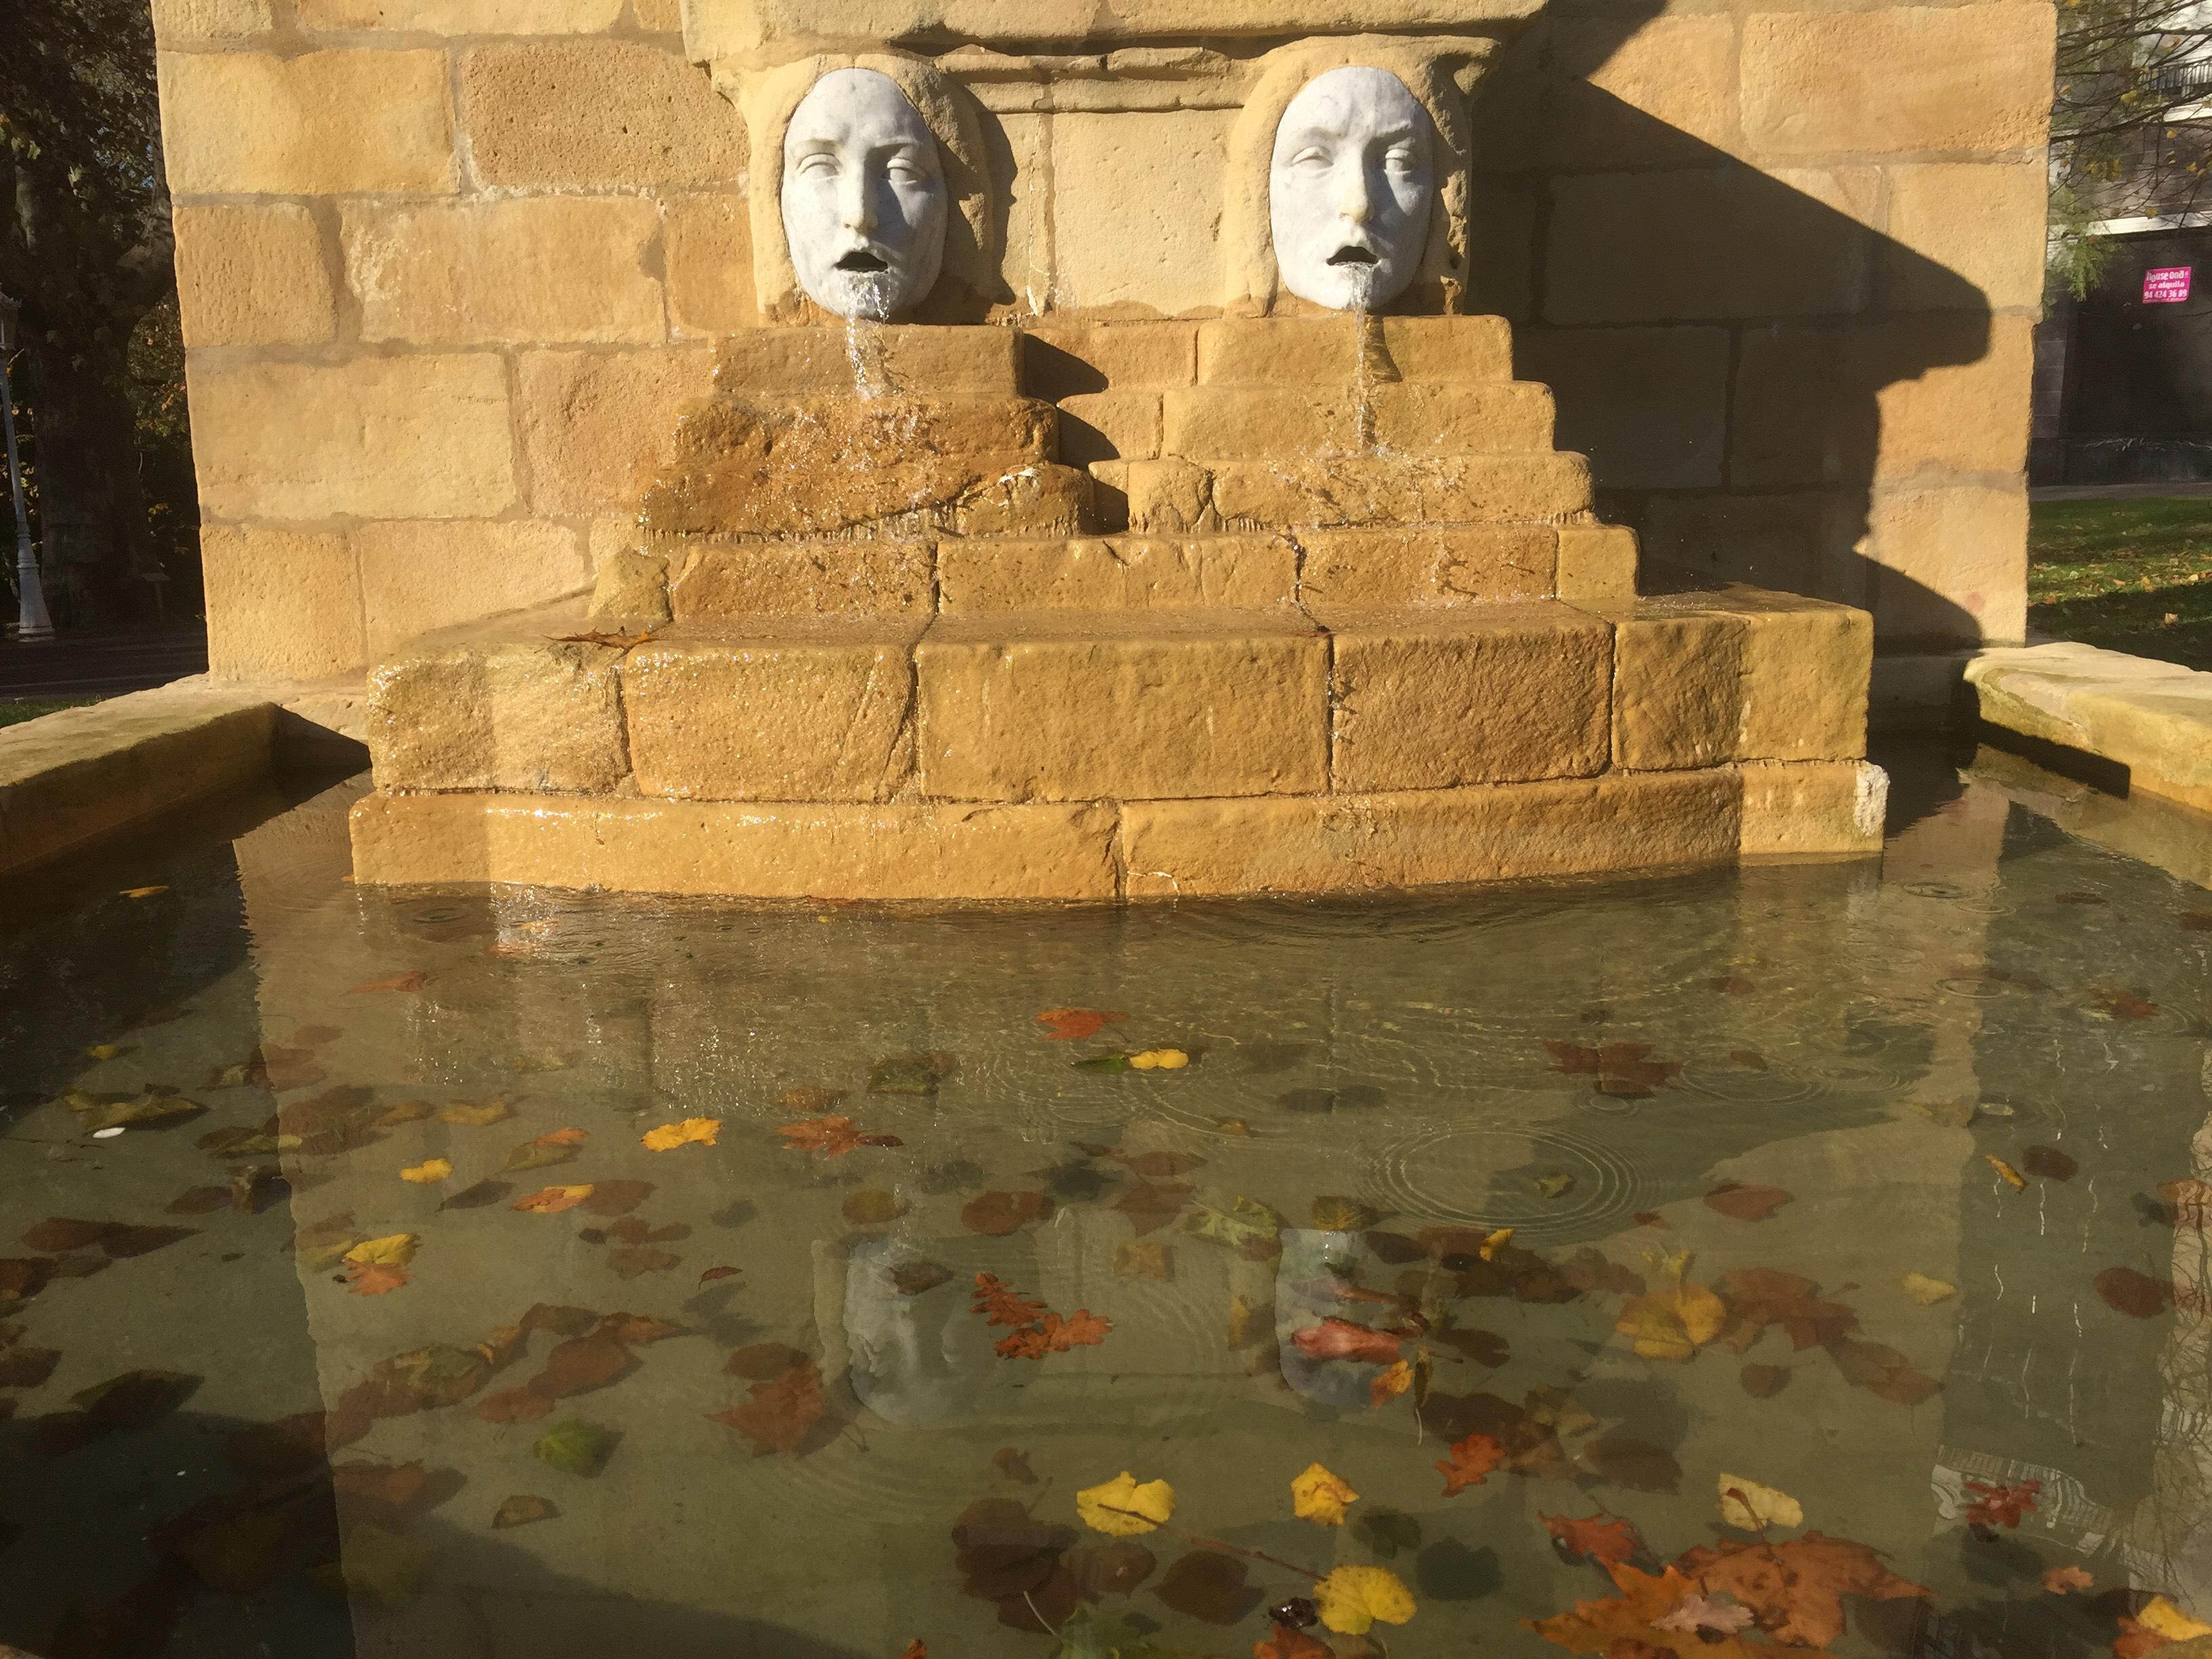 El agua fluye en el moumento a Aureliano Valle, en el parque de doña Casilda, junto al Museo de Bellas Artes